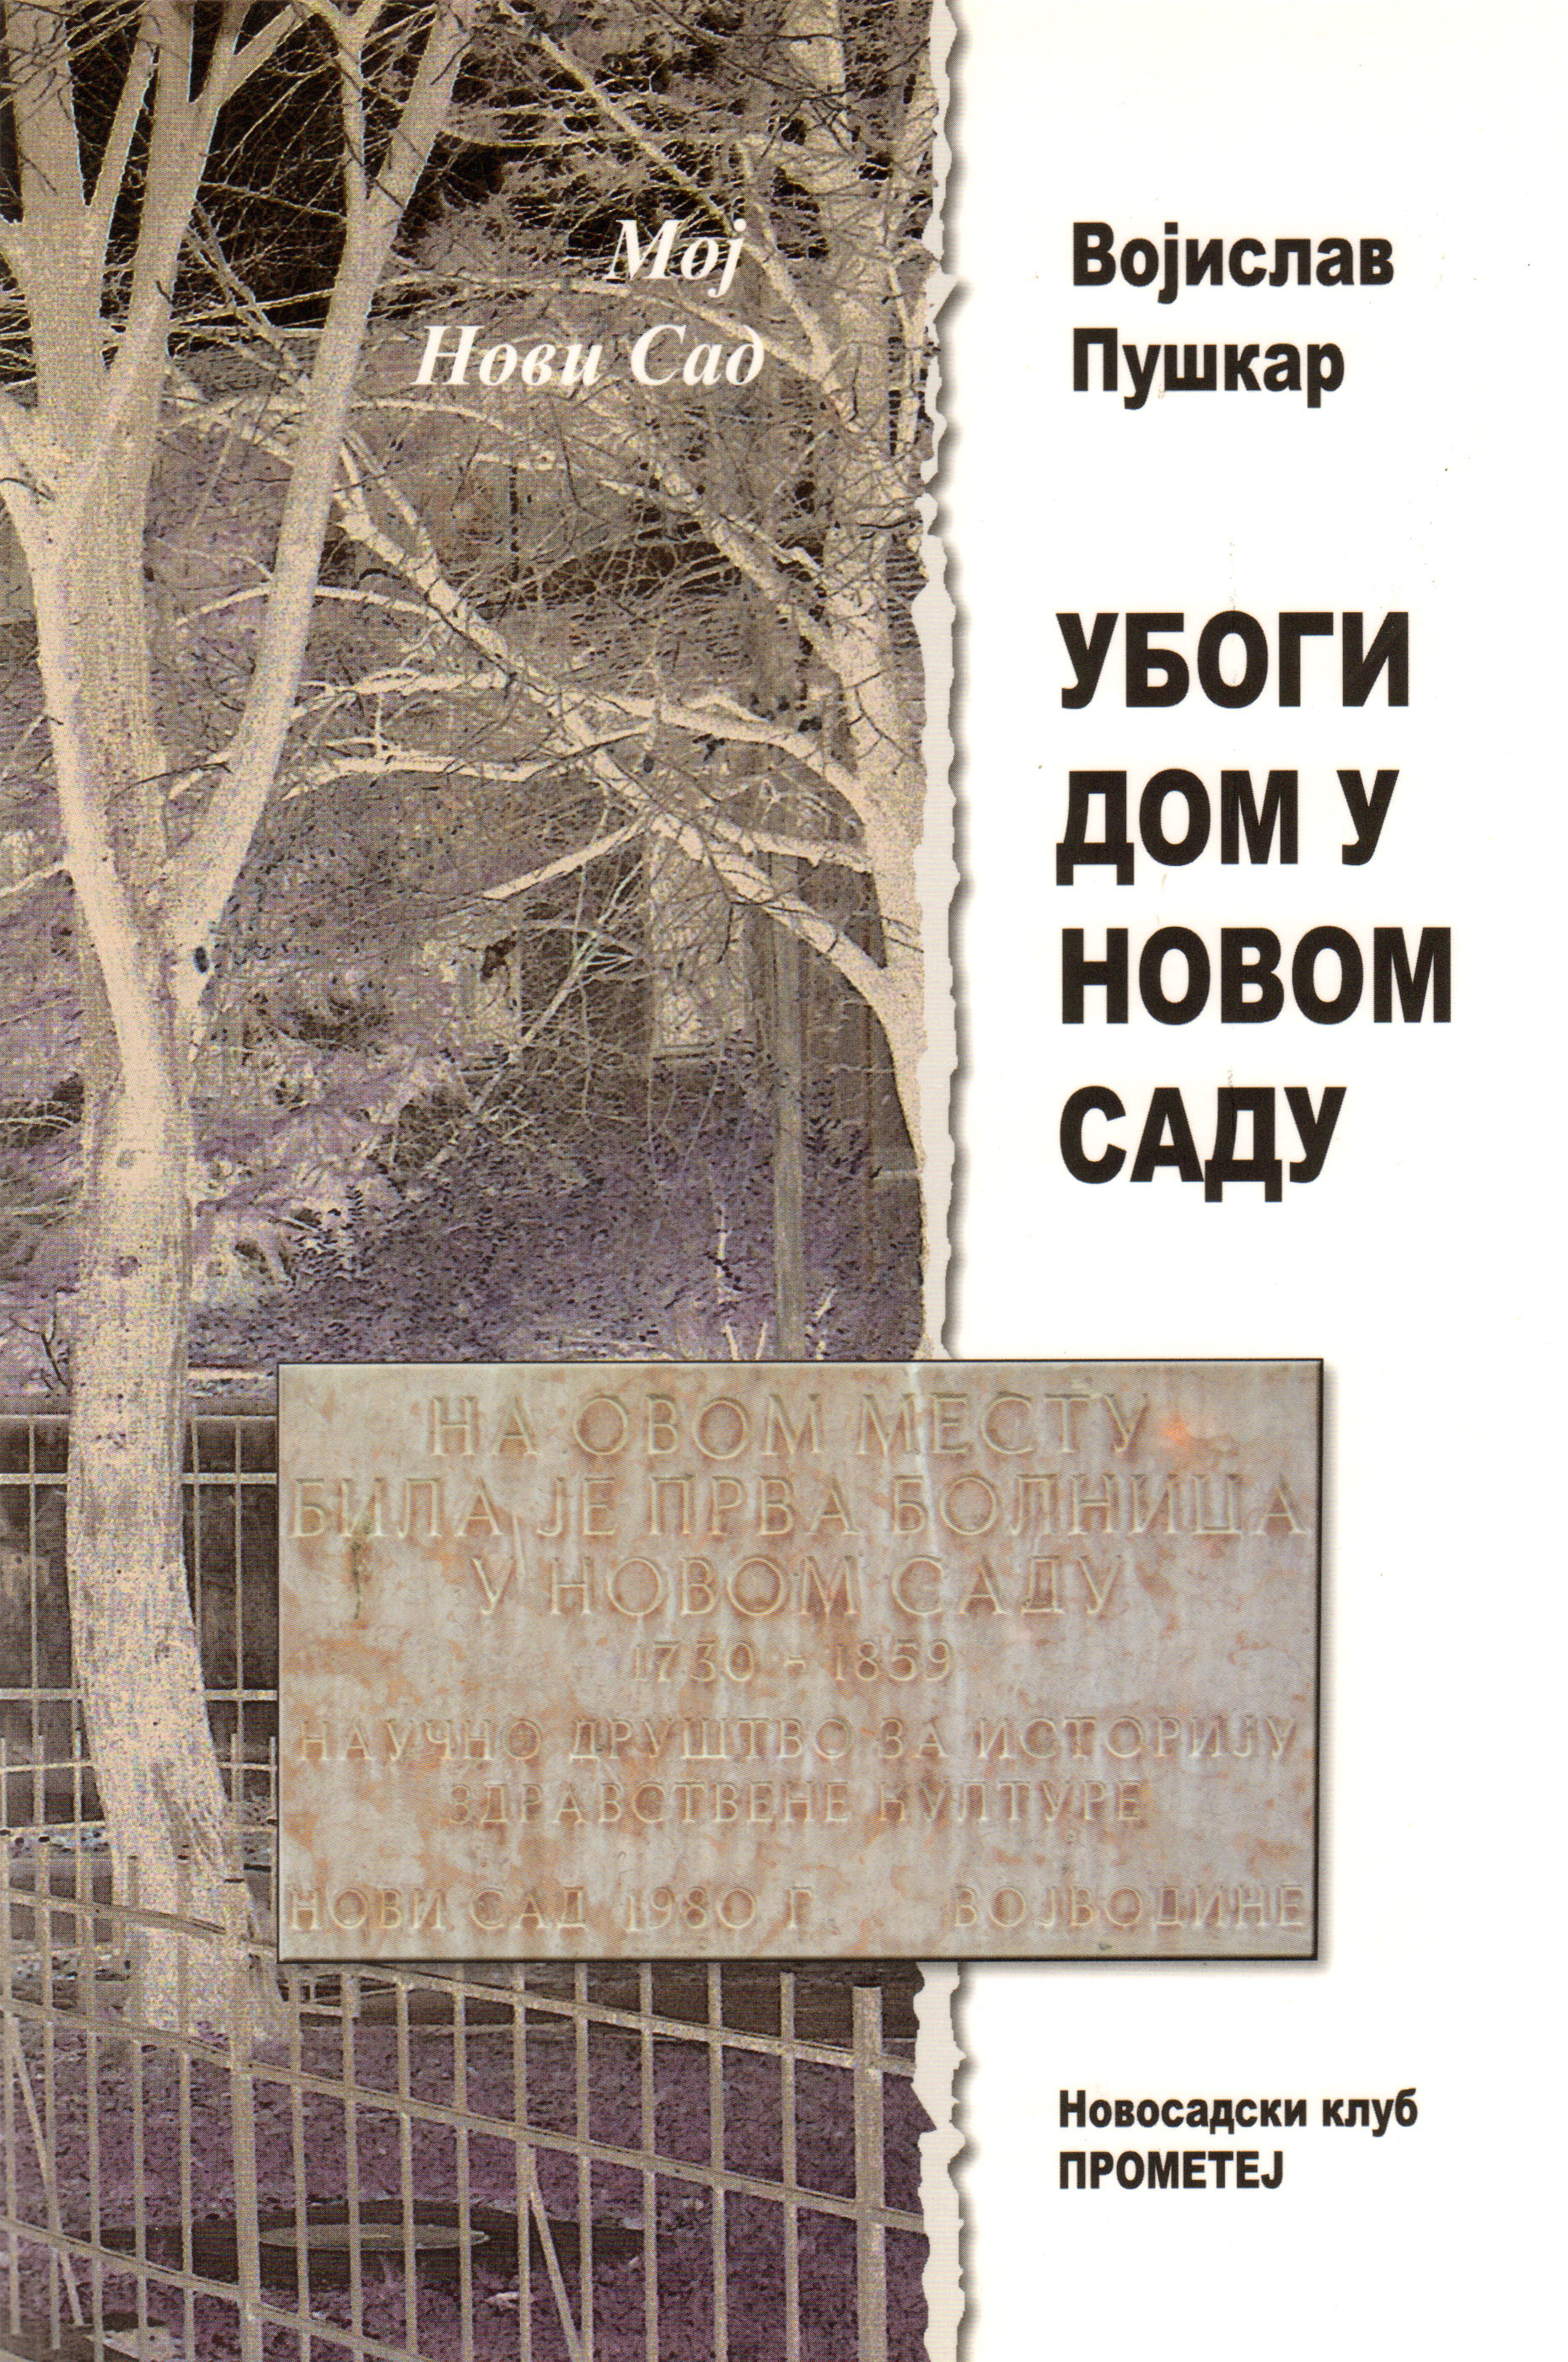 Убоги дом у Новом Саду